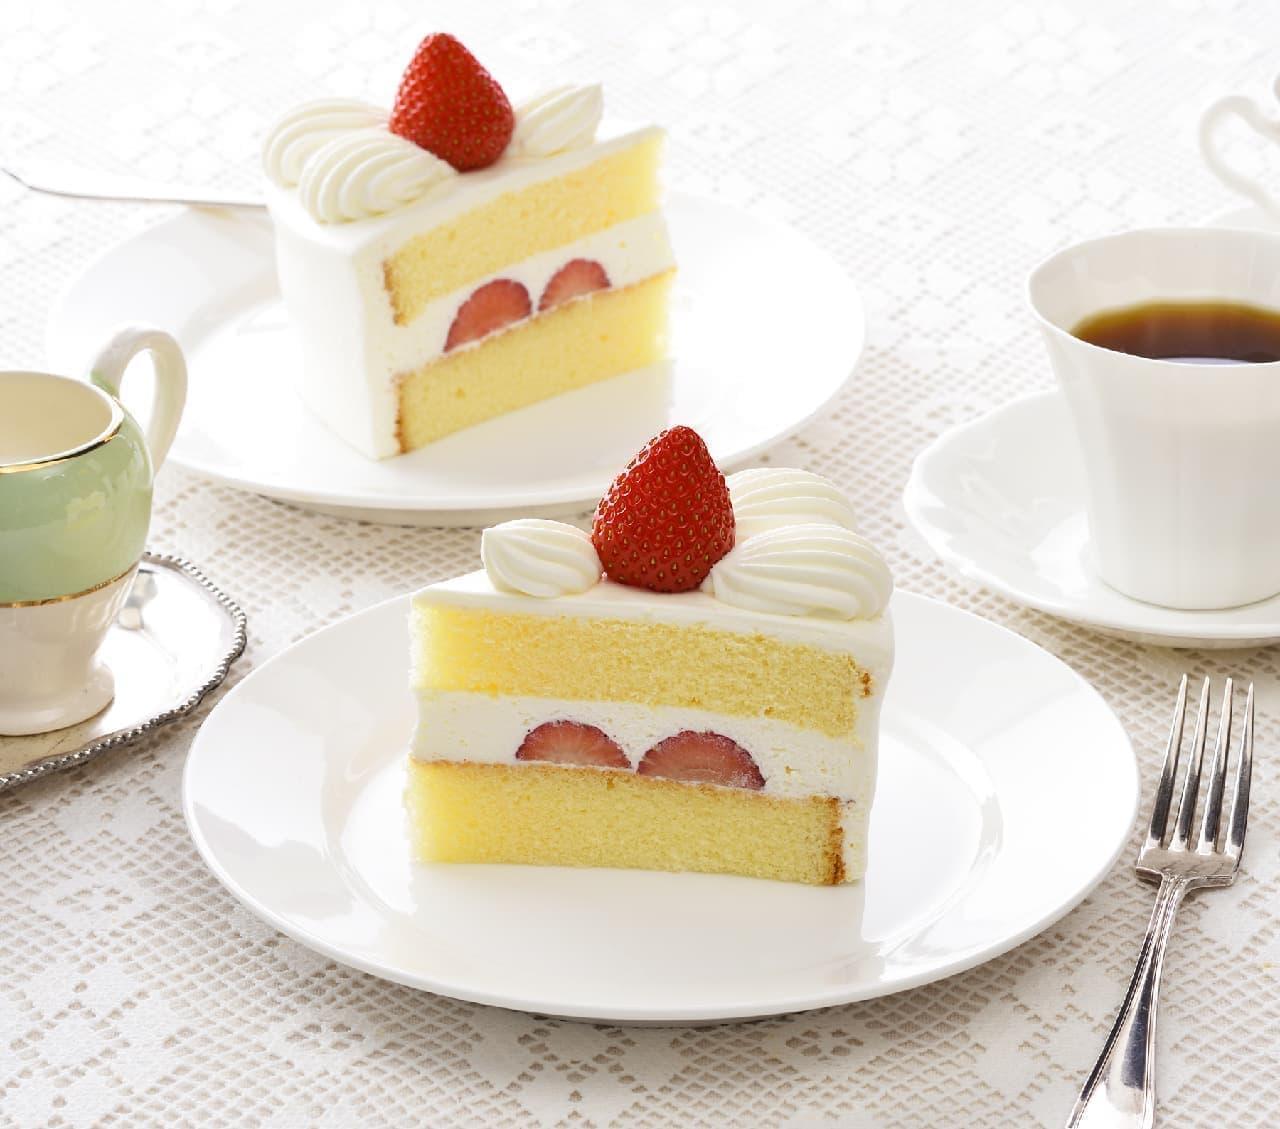 銀座コージーコーナー「苺のショートケーキ」がリニューアル